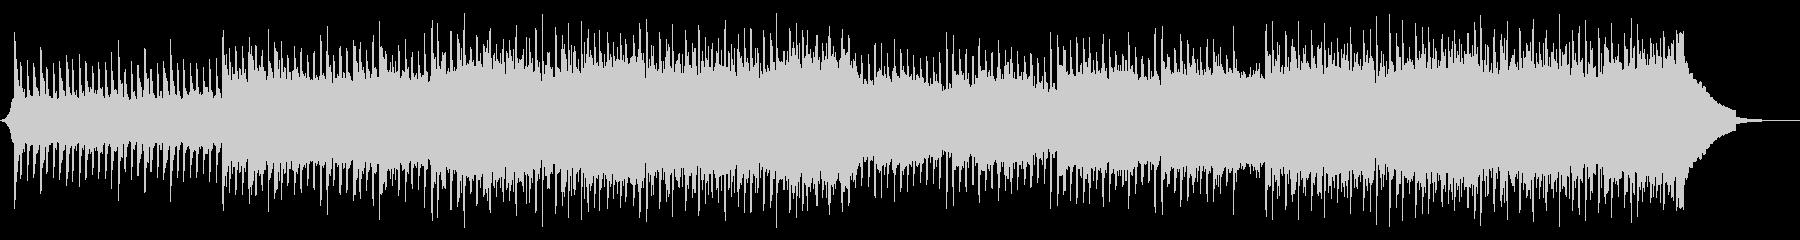 爽やかで明るいコーポレートBGMの未再生の波形